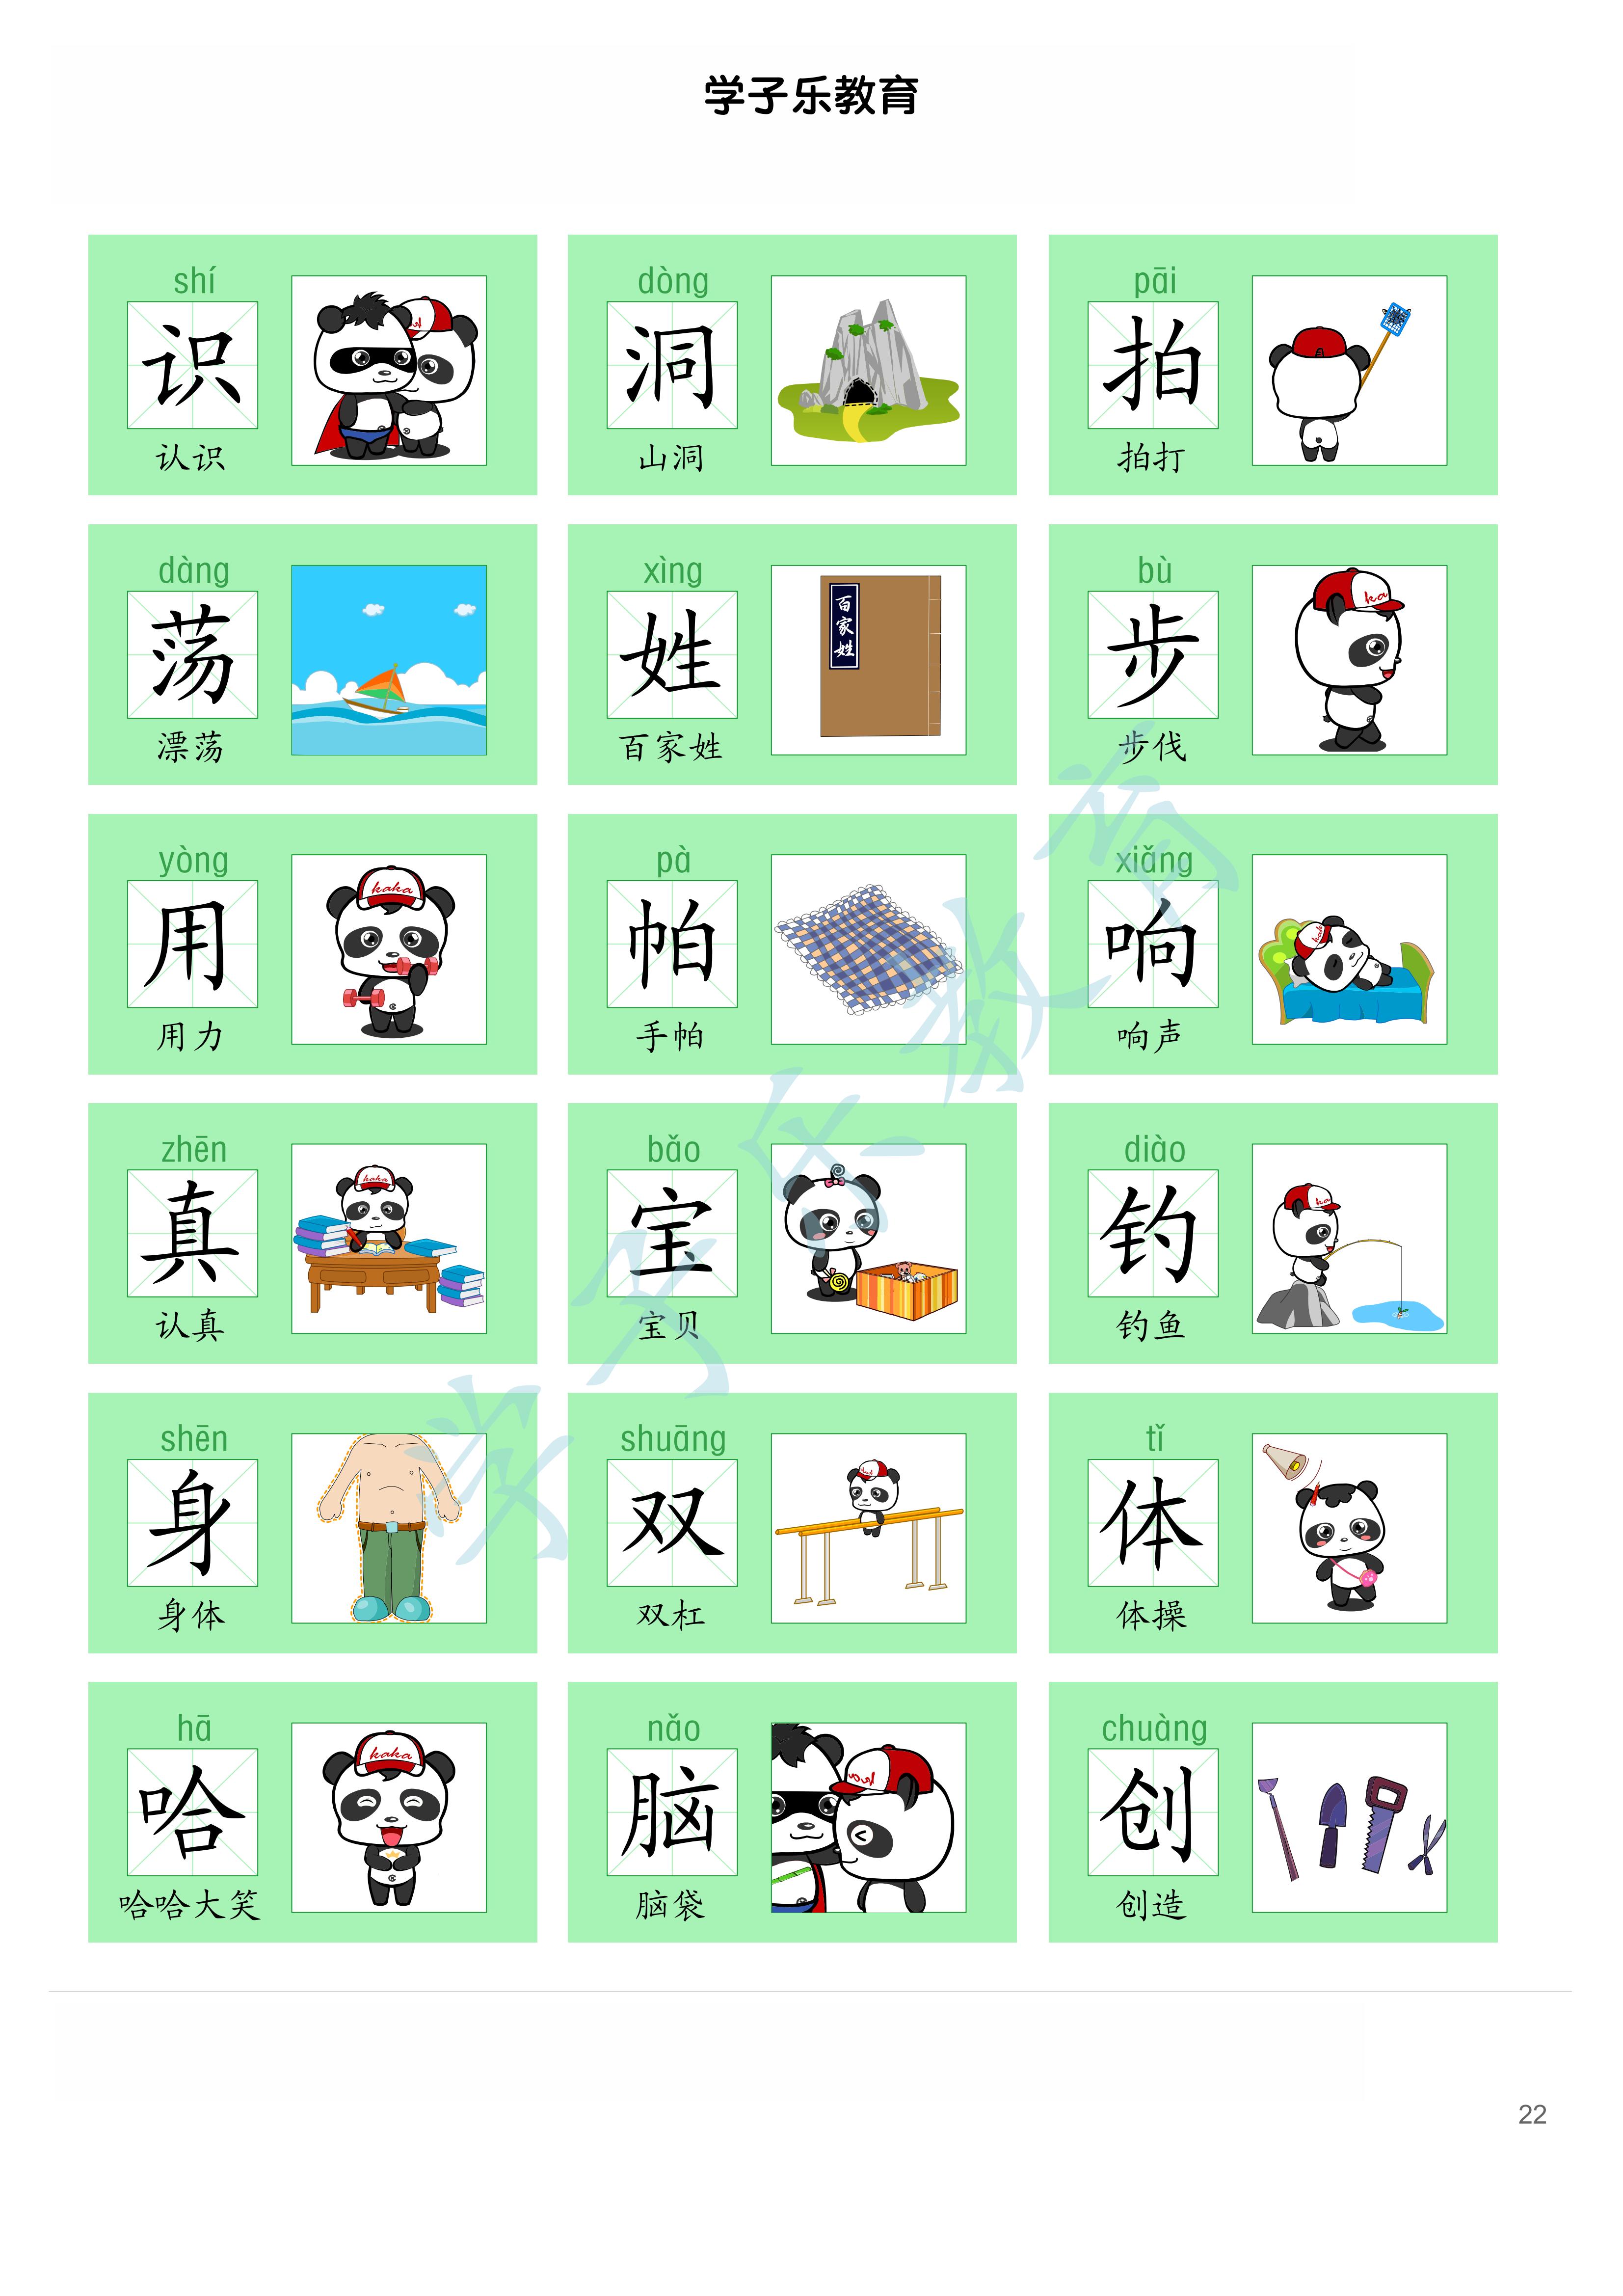 图文识字免费的软件(图文识字怎么用)插图21